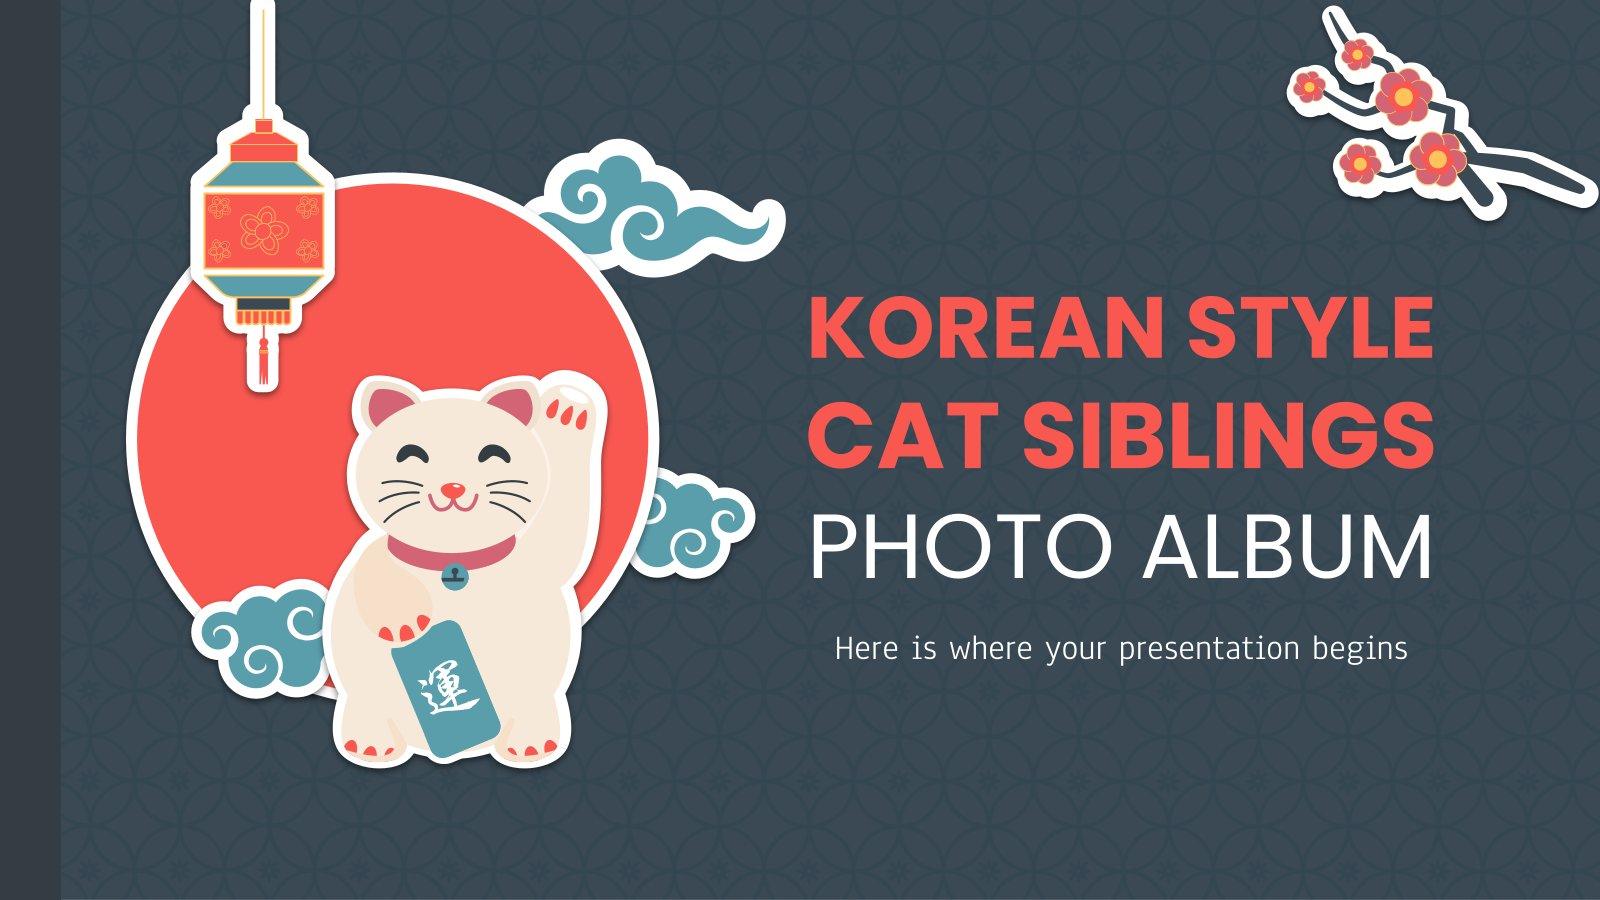 Modelo de apresentação Álbum de fotos de gatos irmãos em estilo coreano